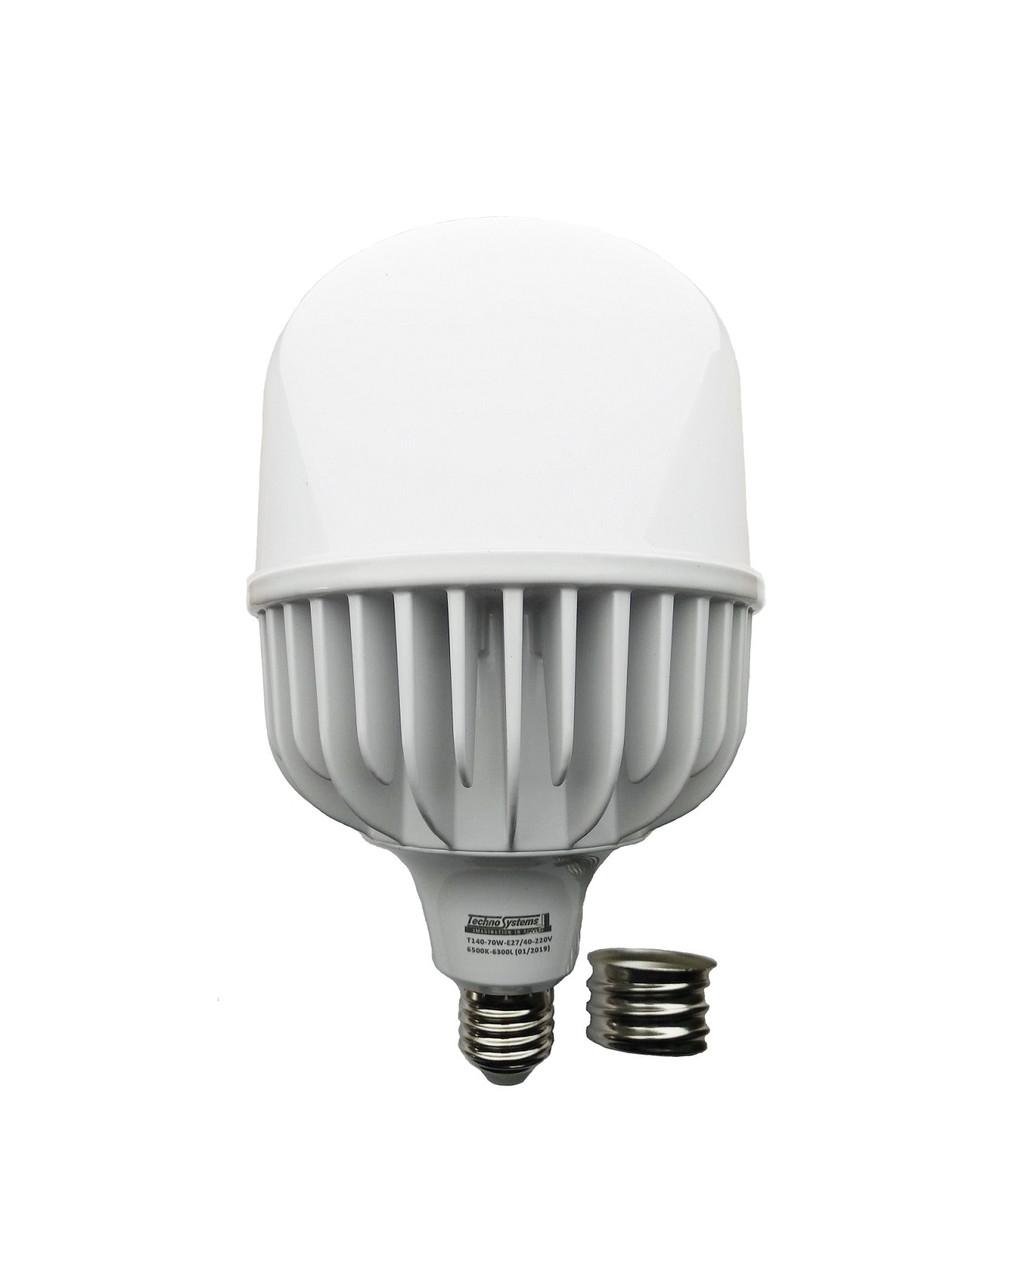 Лампа светодиодная LED Bulb T140 70W E27 E40 220V 6500K 6300L Alum ICCD